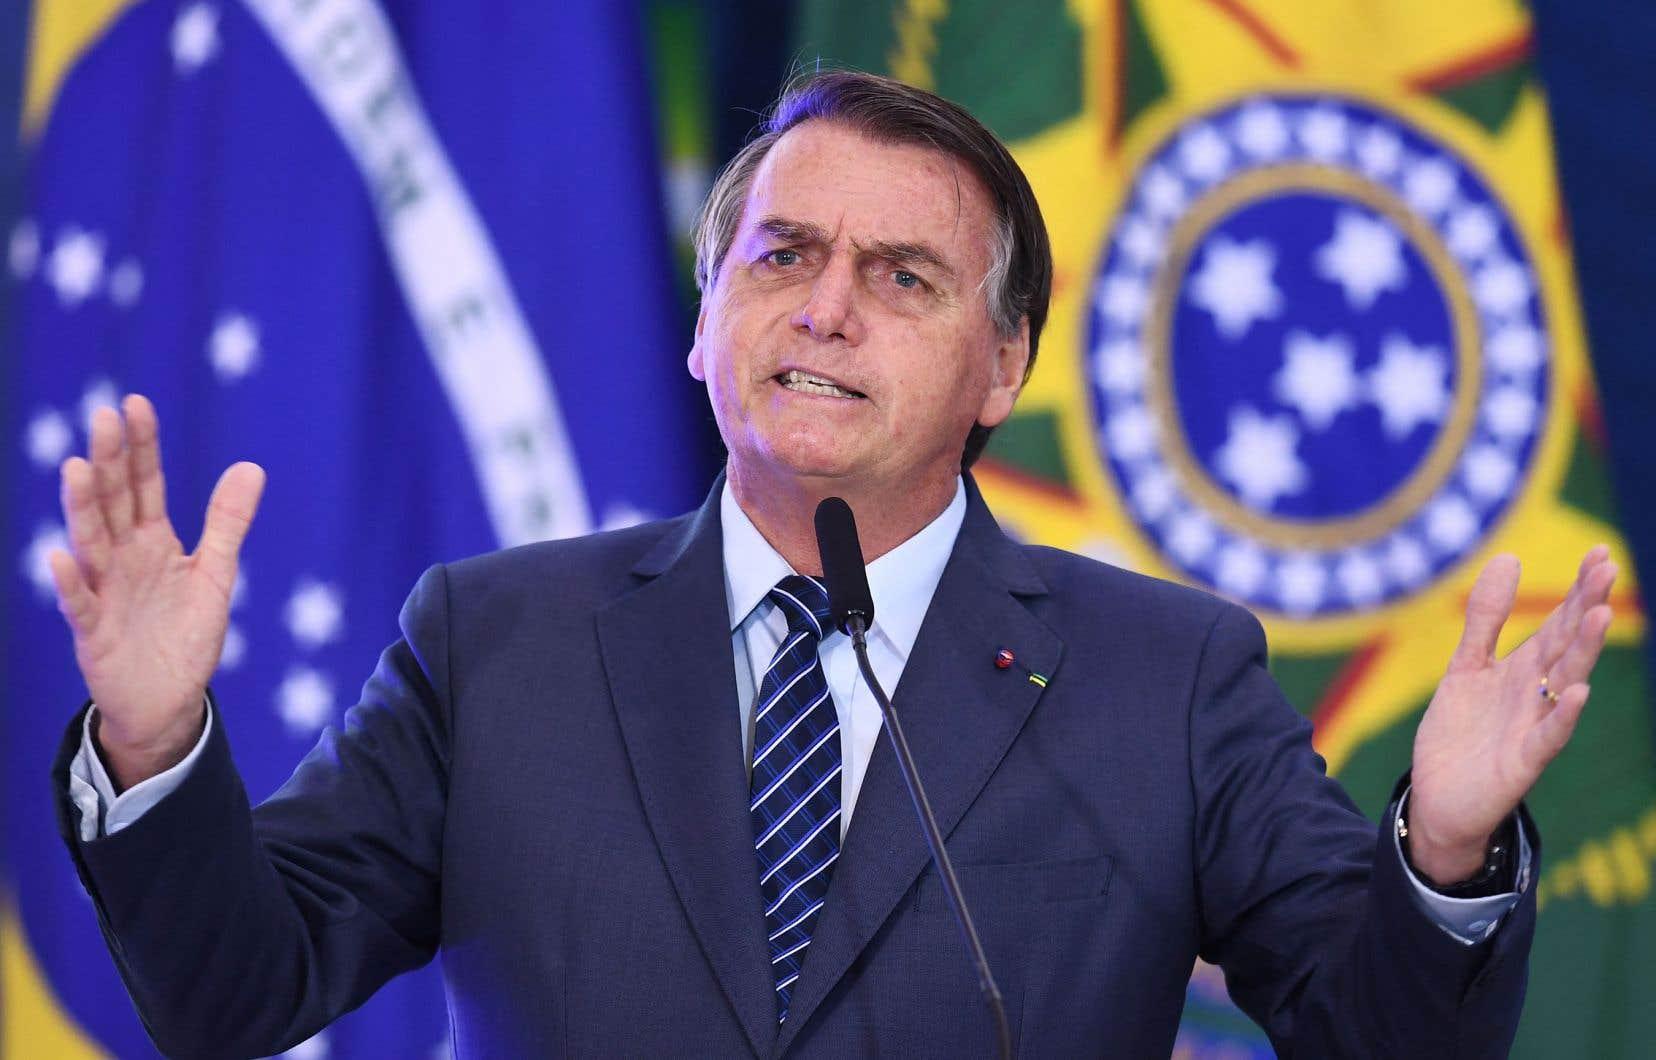 Jair Bolsonaro prétend qu'une défaite par les urnes, alors qu'il va chercher à briguer un deuxième mandat en 2022, ne pourrait qu'être le résultat d'une fraude électorale.